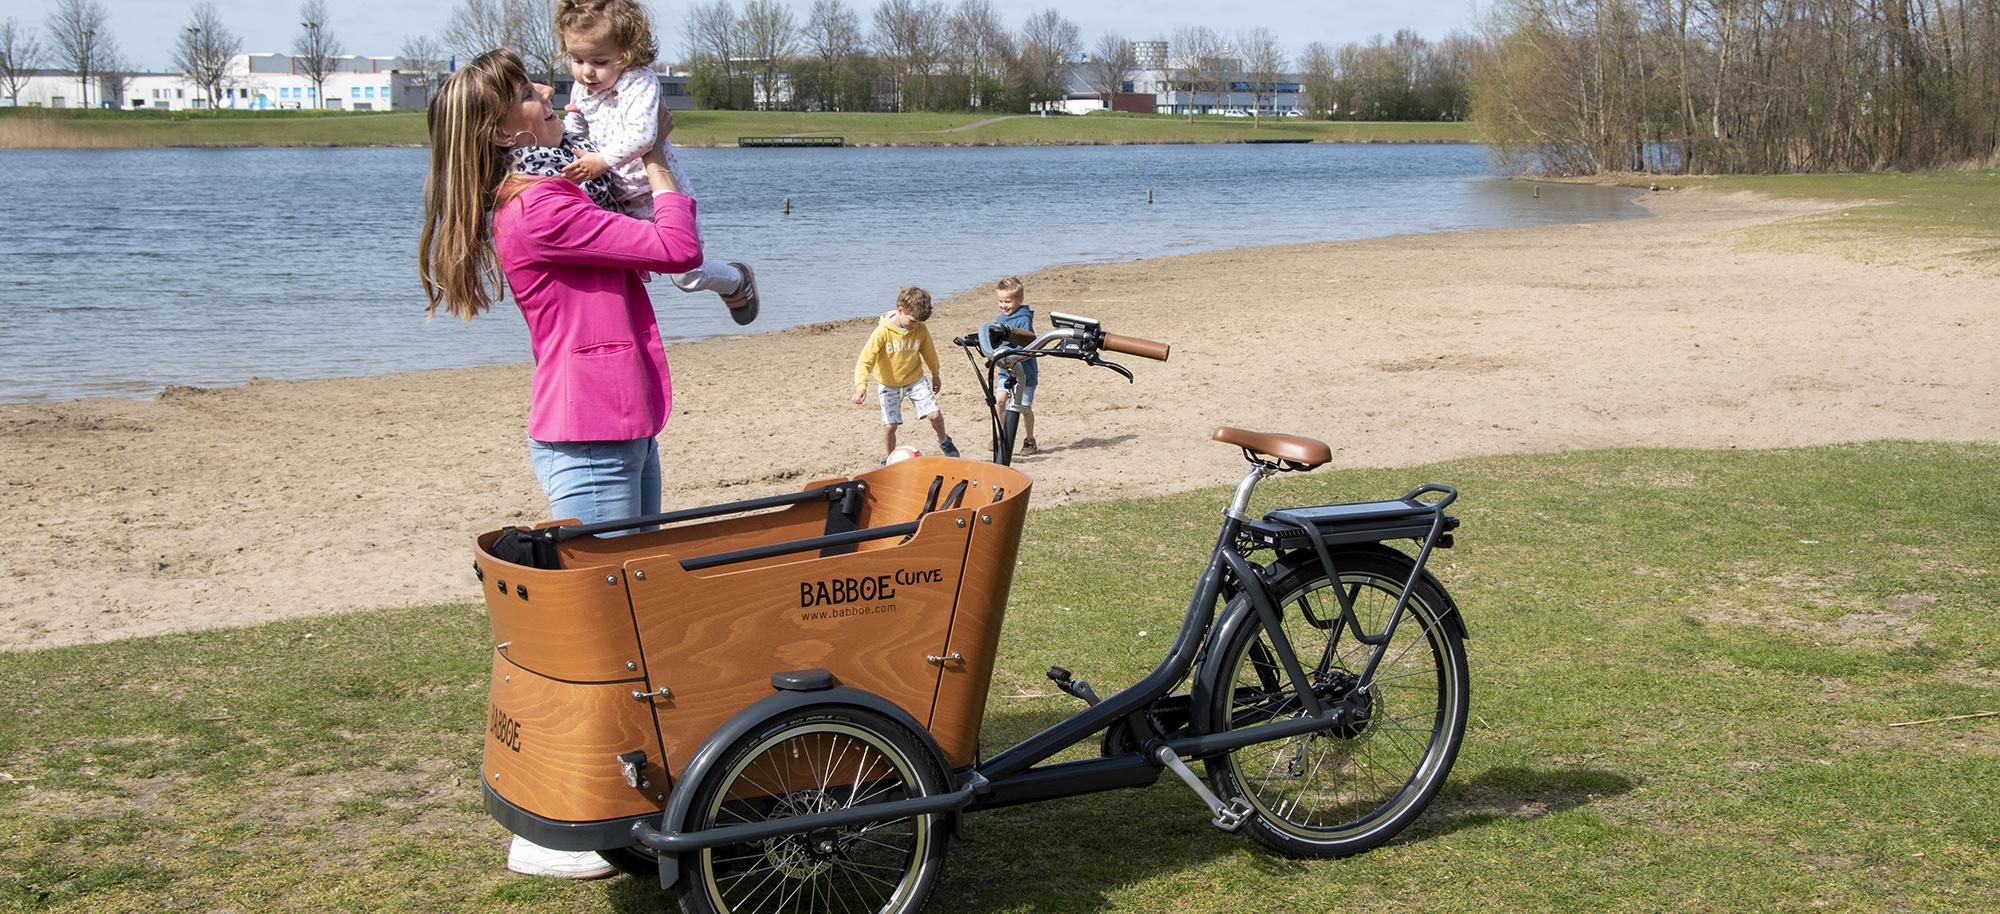 Babboe bakfietsen, de nummer 1 wereldwijd!